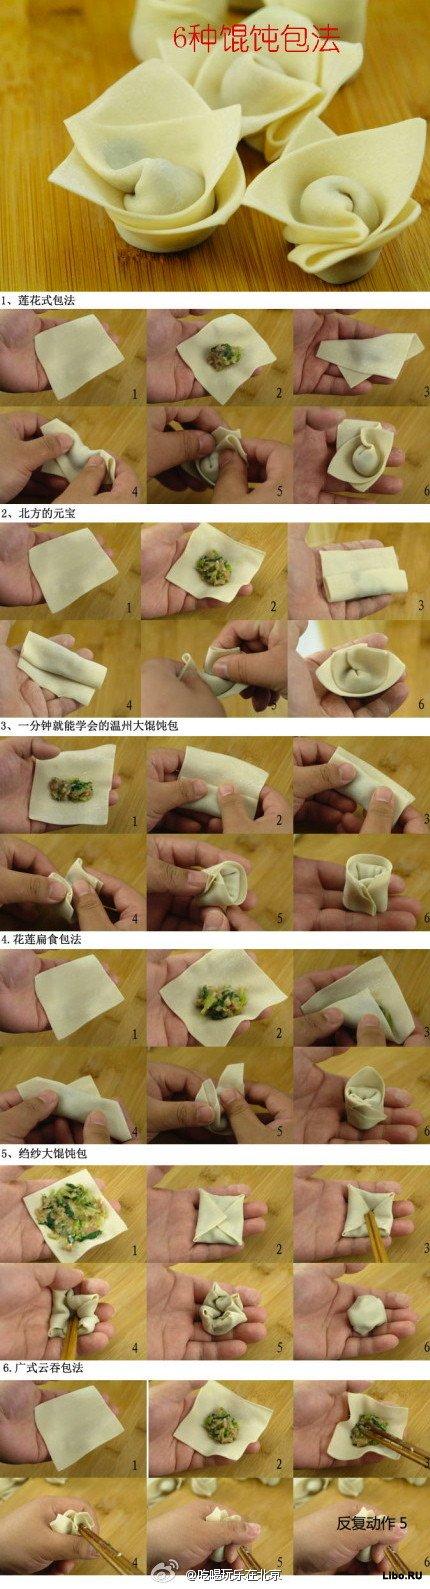 Как сделать пельмени пошагово с фото